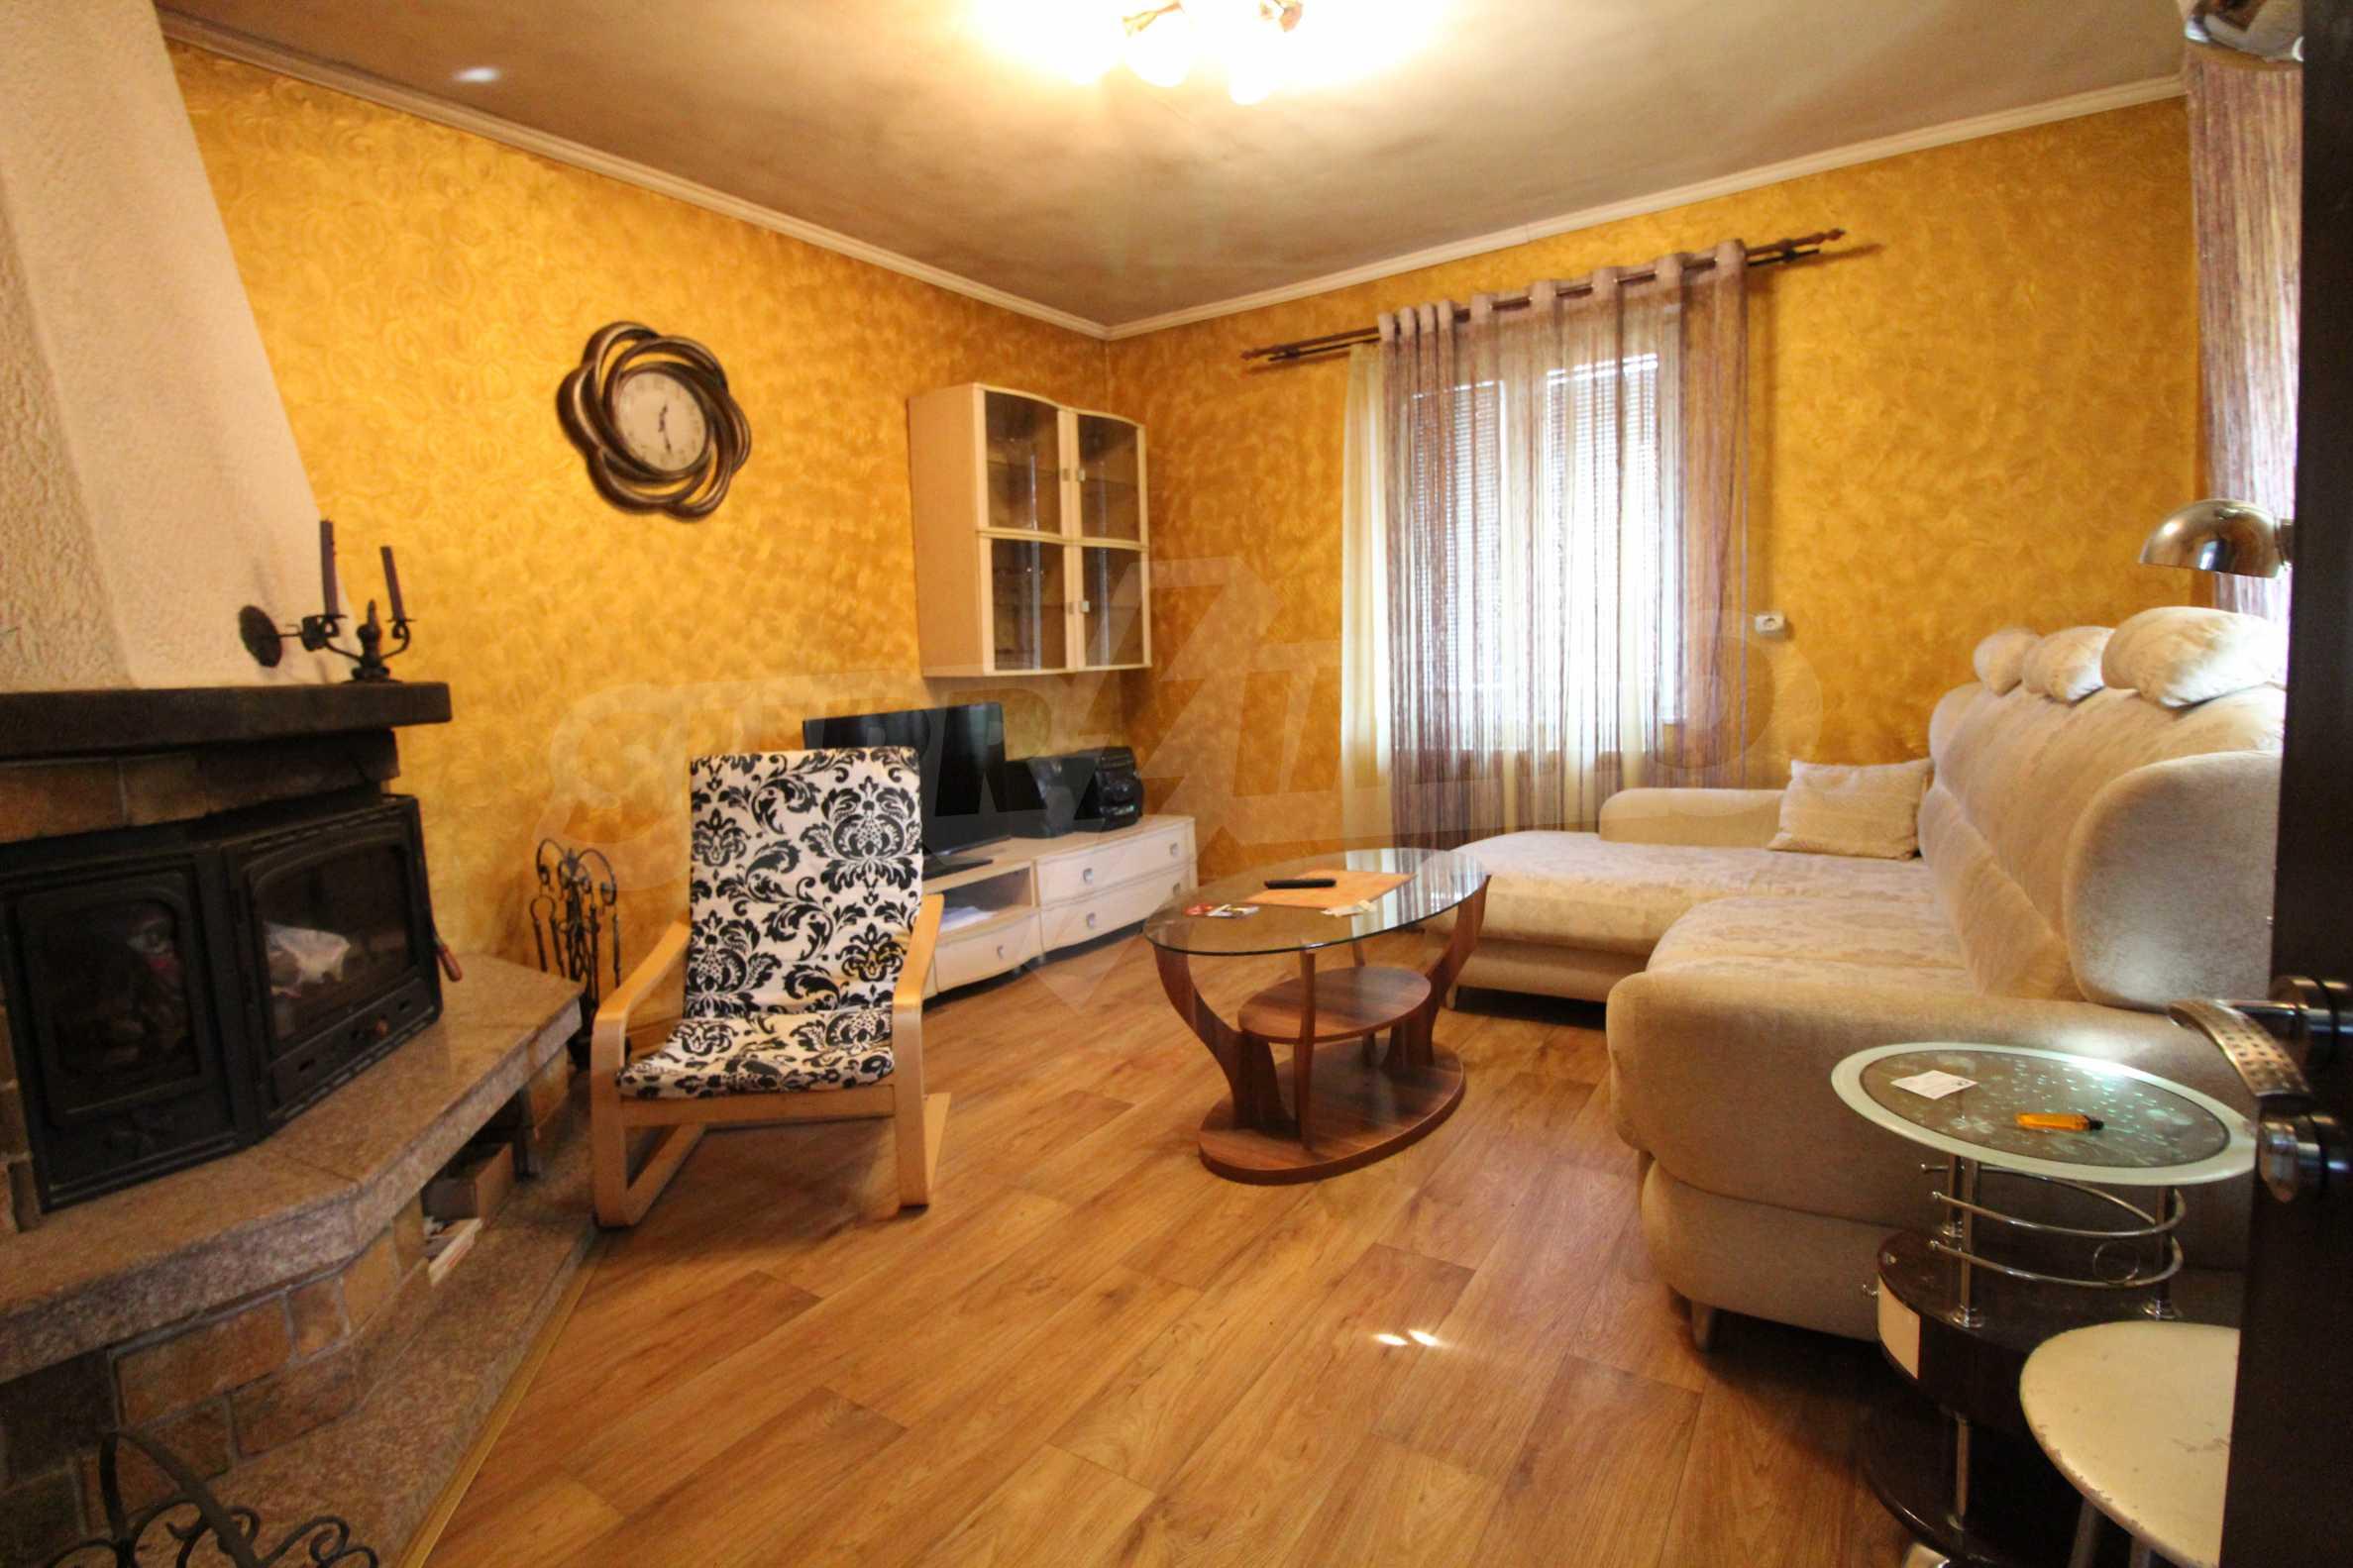 Реновирана двуетажна къща само на 24 км от Велико Търново  37